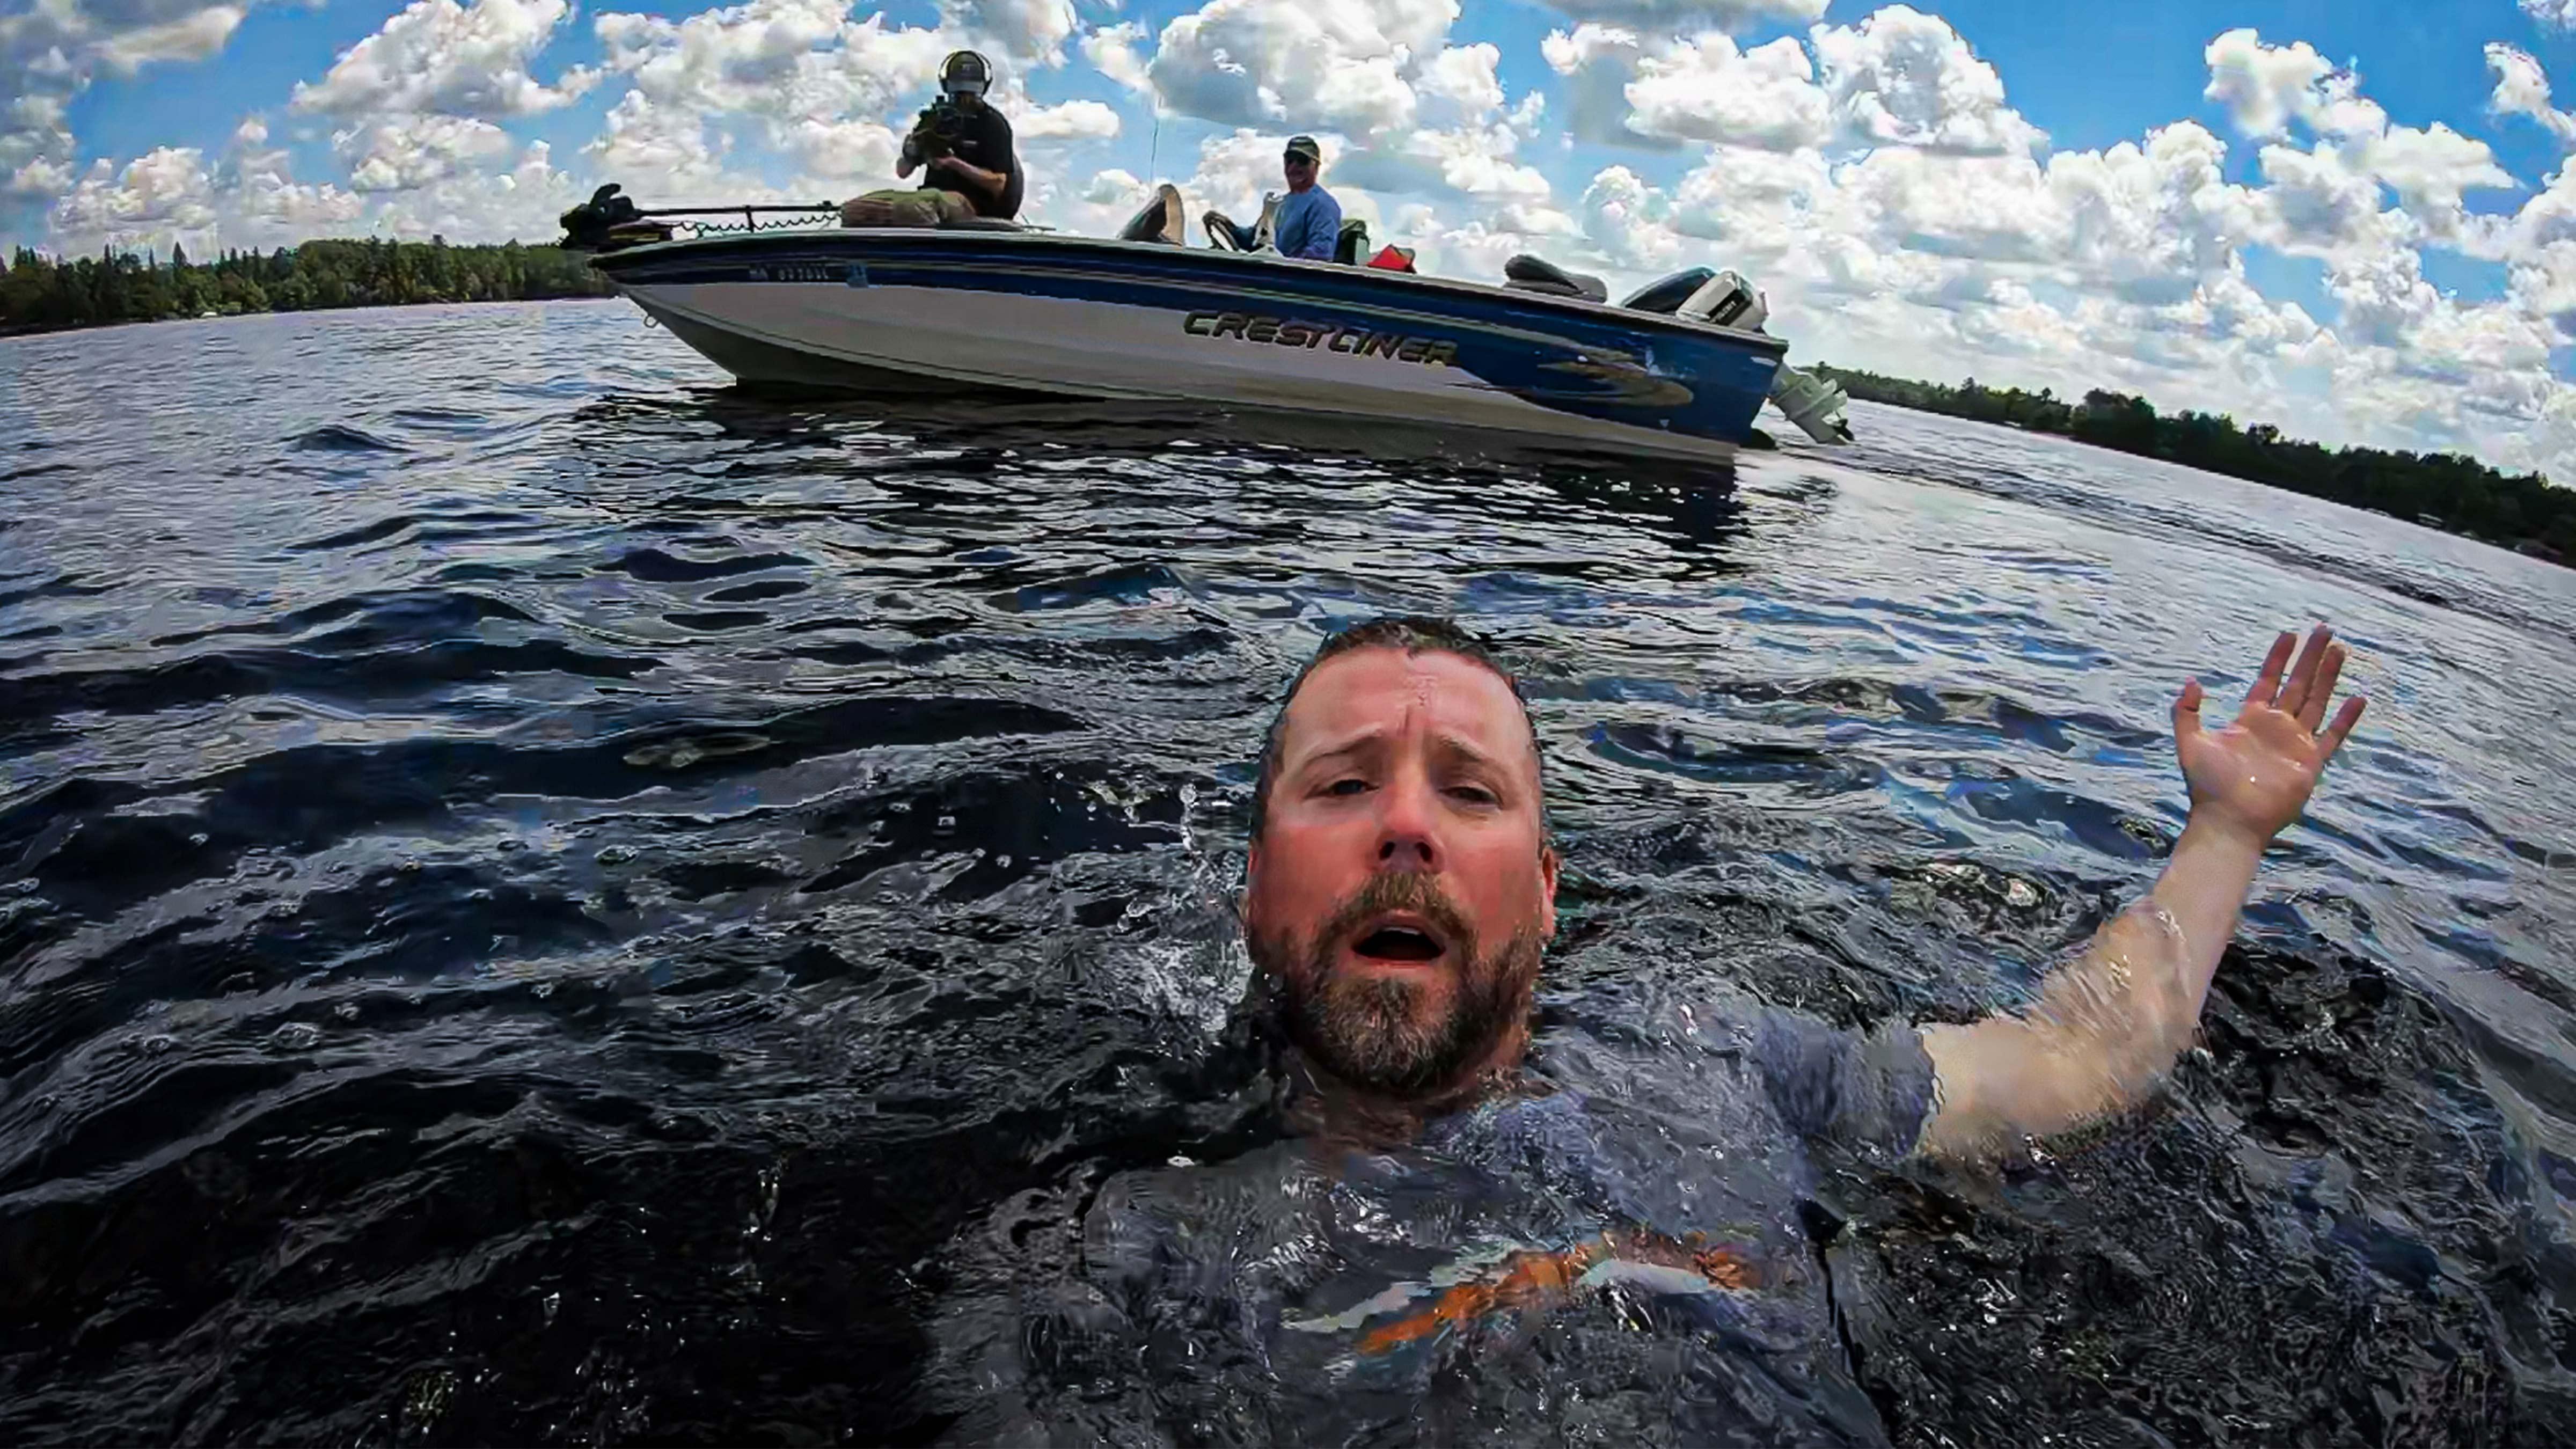 Bret Amundson takes a dip